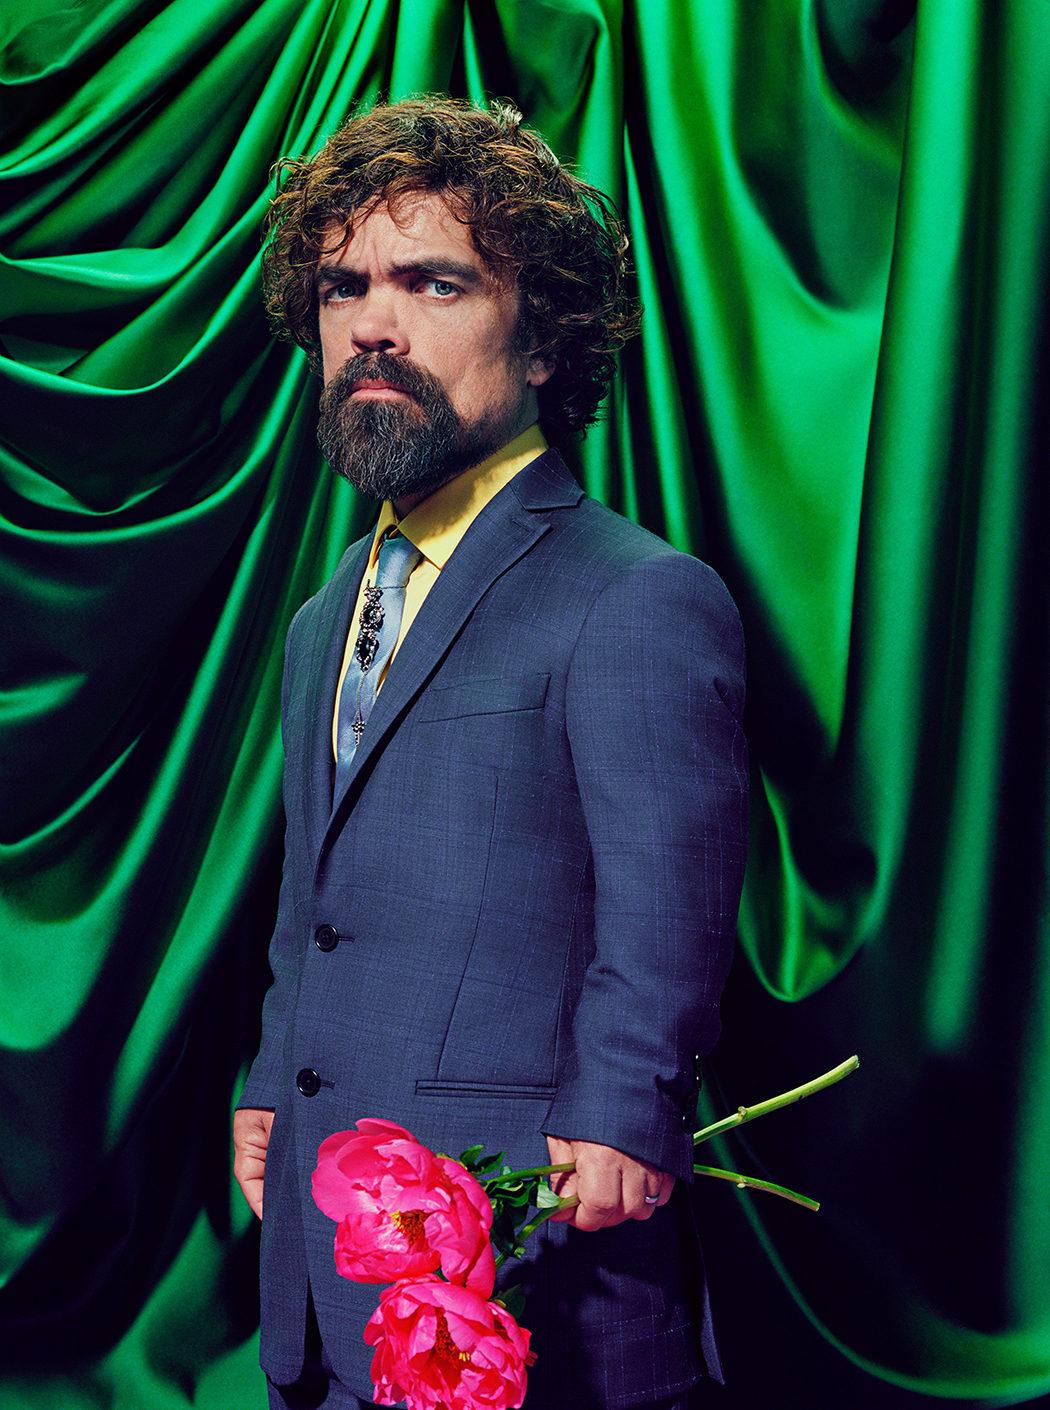 Peter Dinklage (Tyrion Lannister)